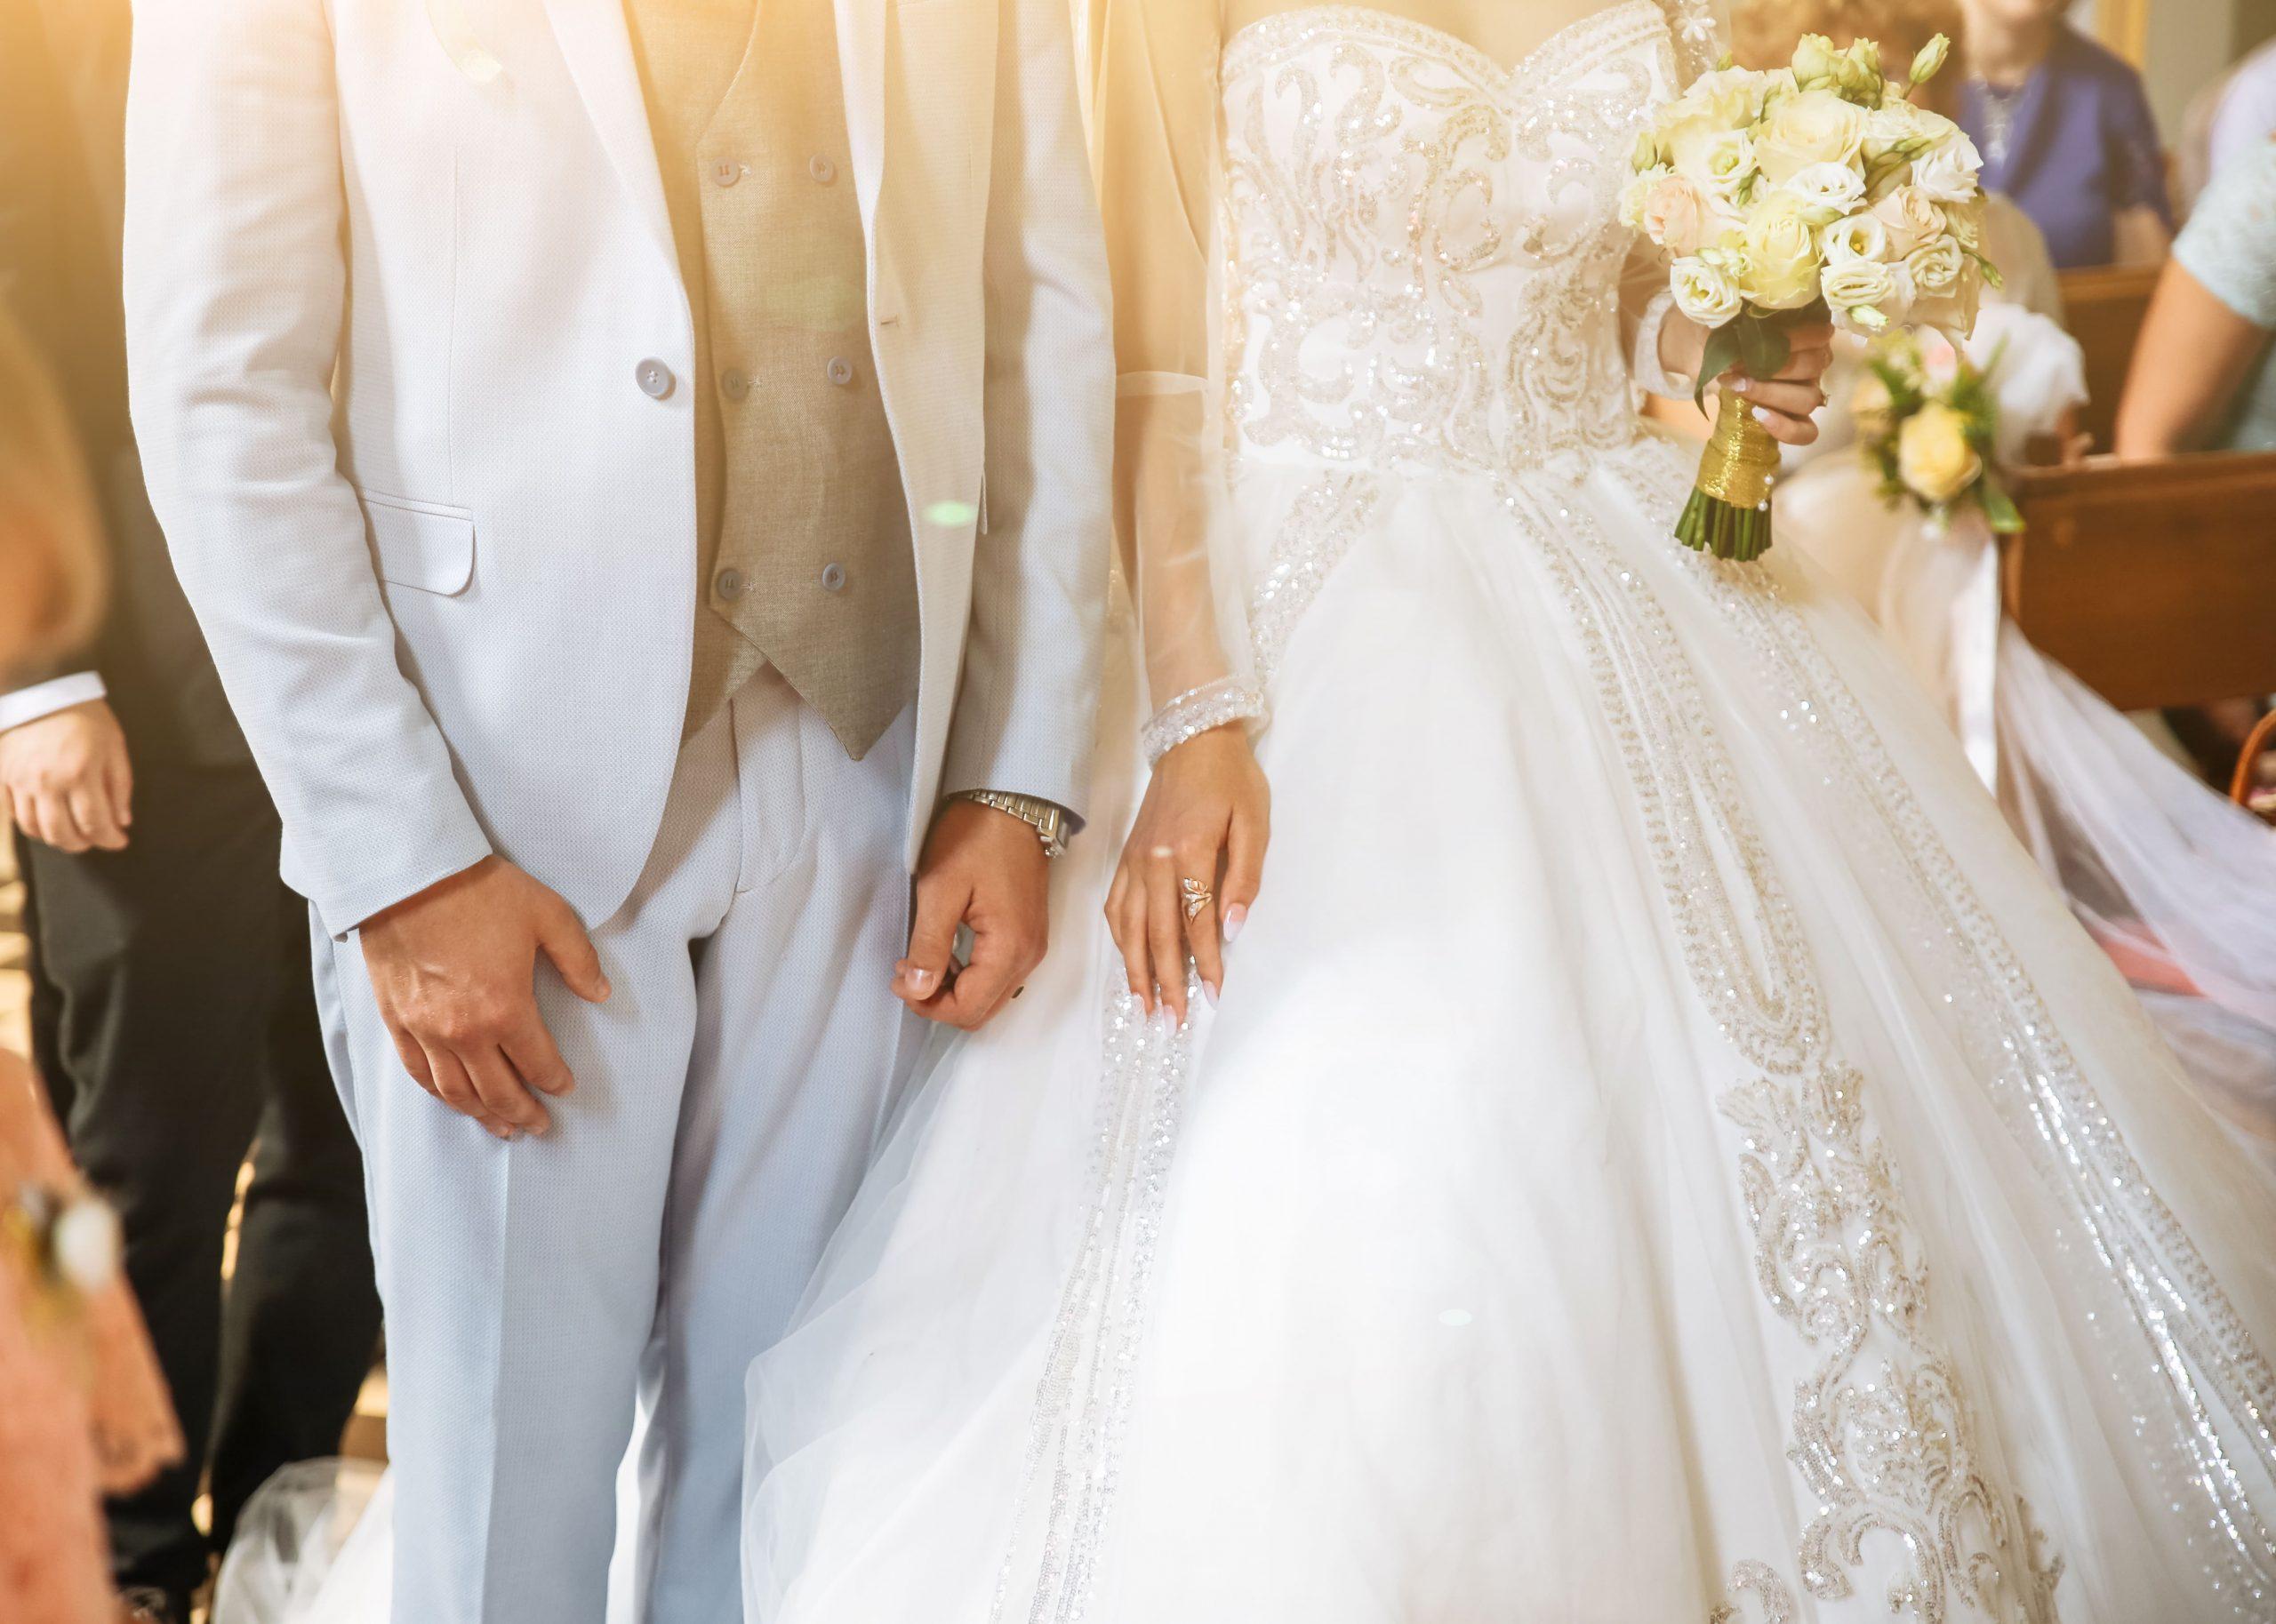 2020年内に結婚できる!?【12星座別】結婚実現ポイント